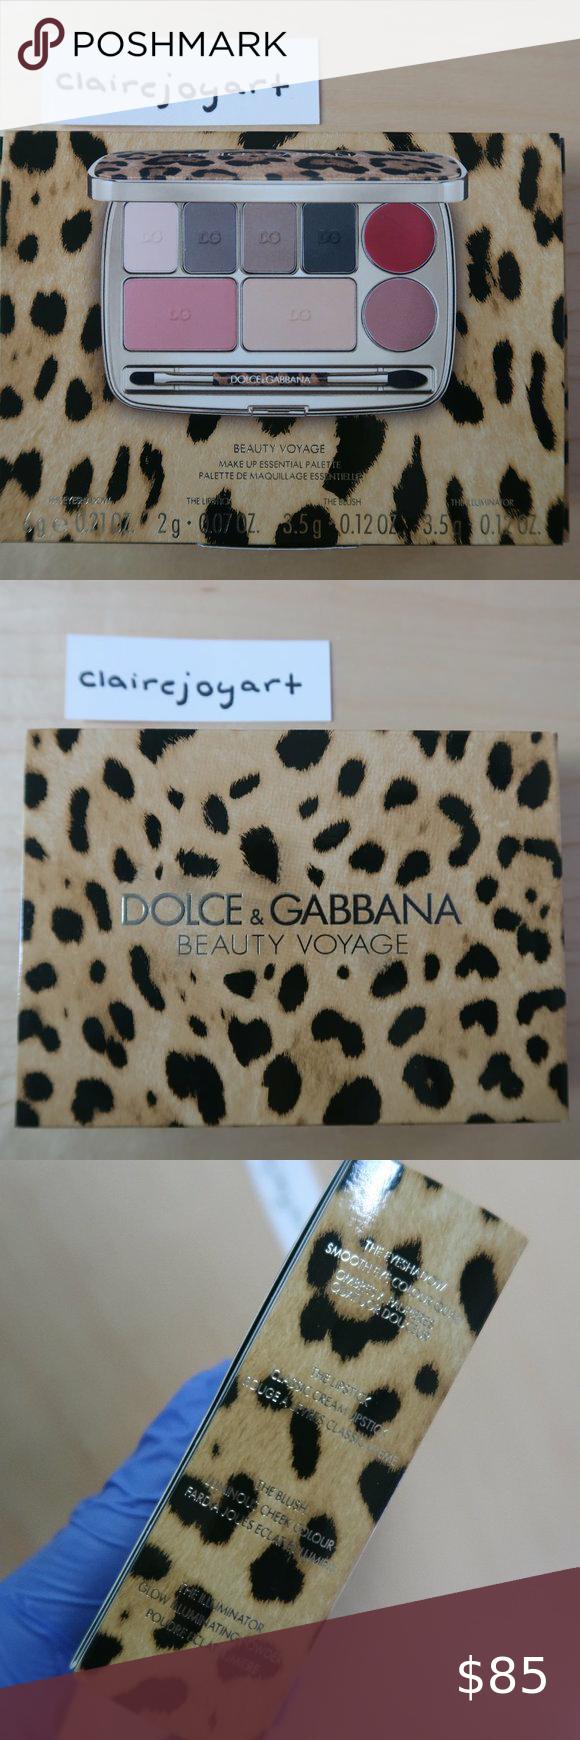 60 Off Dolce Gabbana Beauty Voyage Face Palette Dolce And Gabbana Dolce And Gabbana Makeup Gabbana